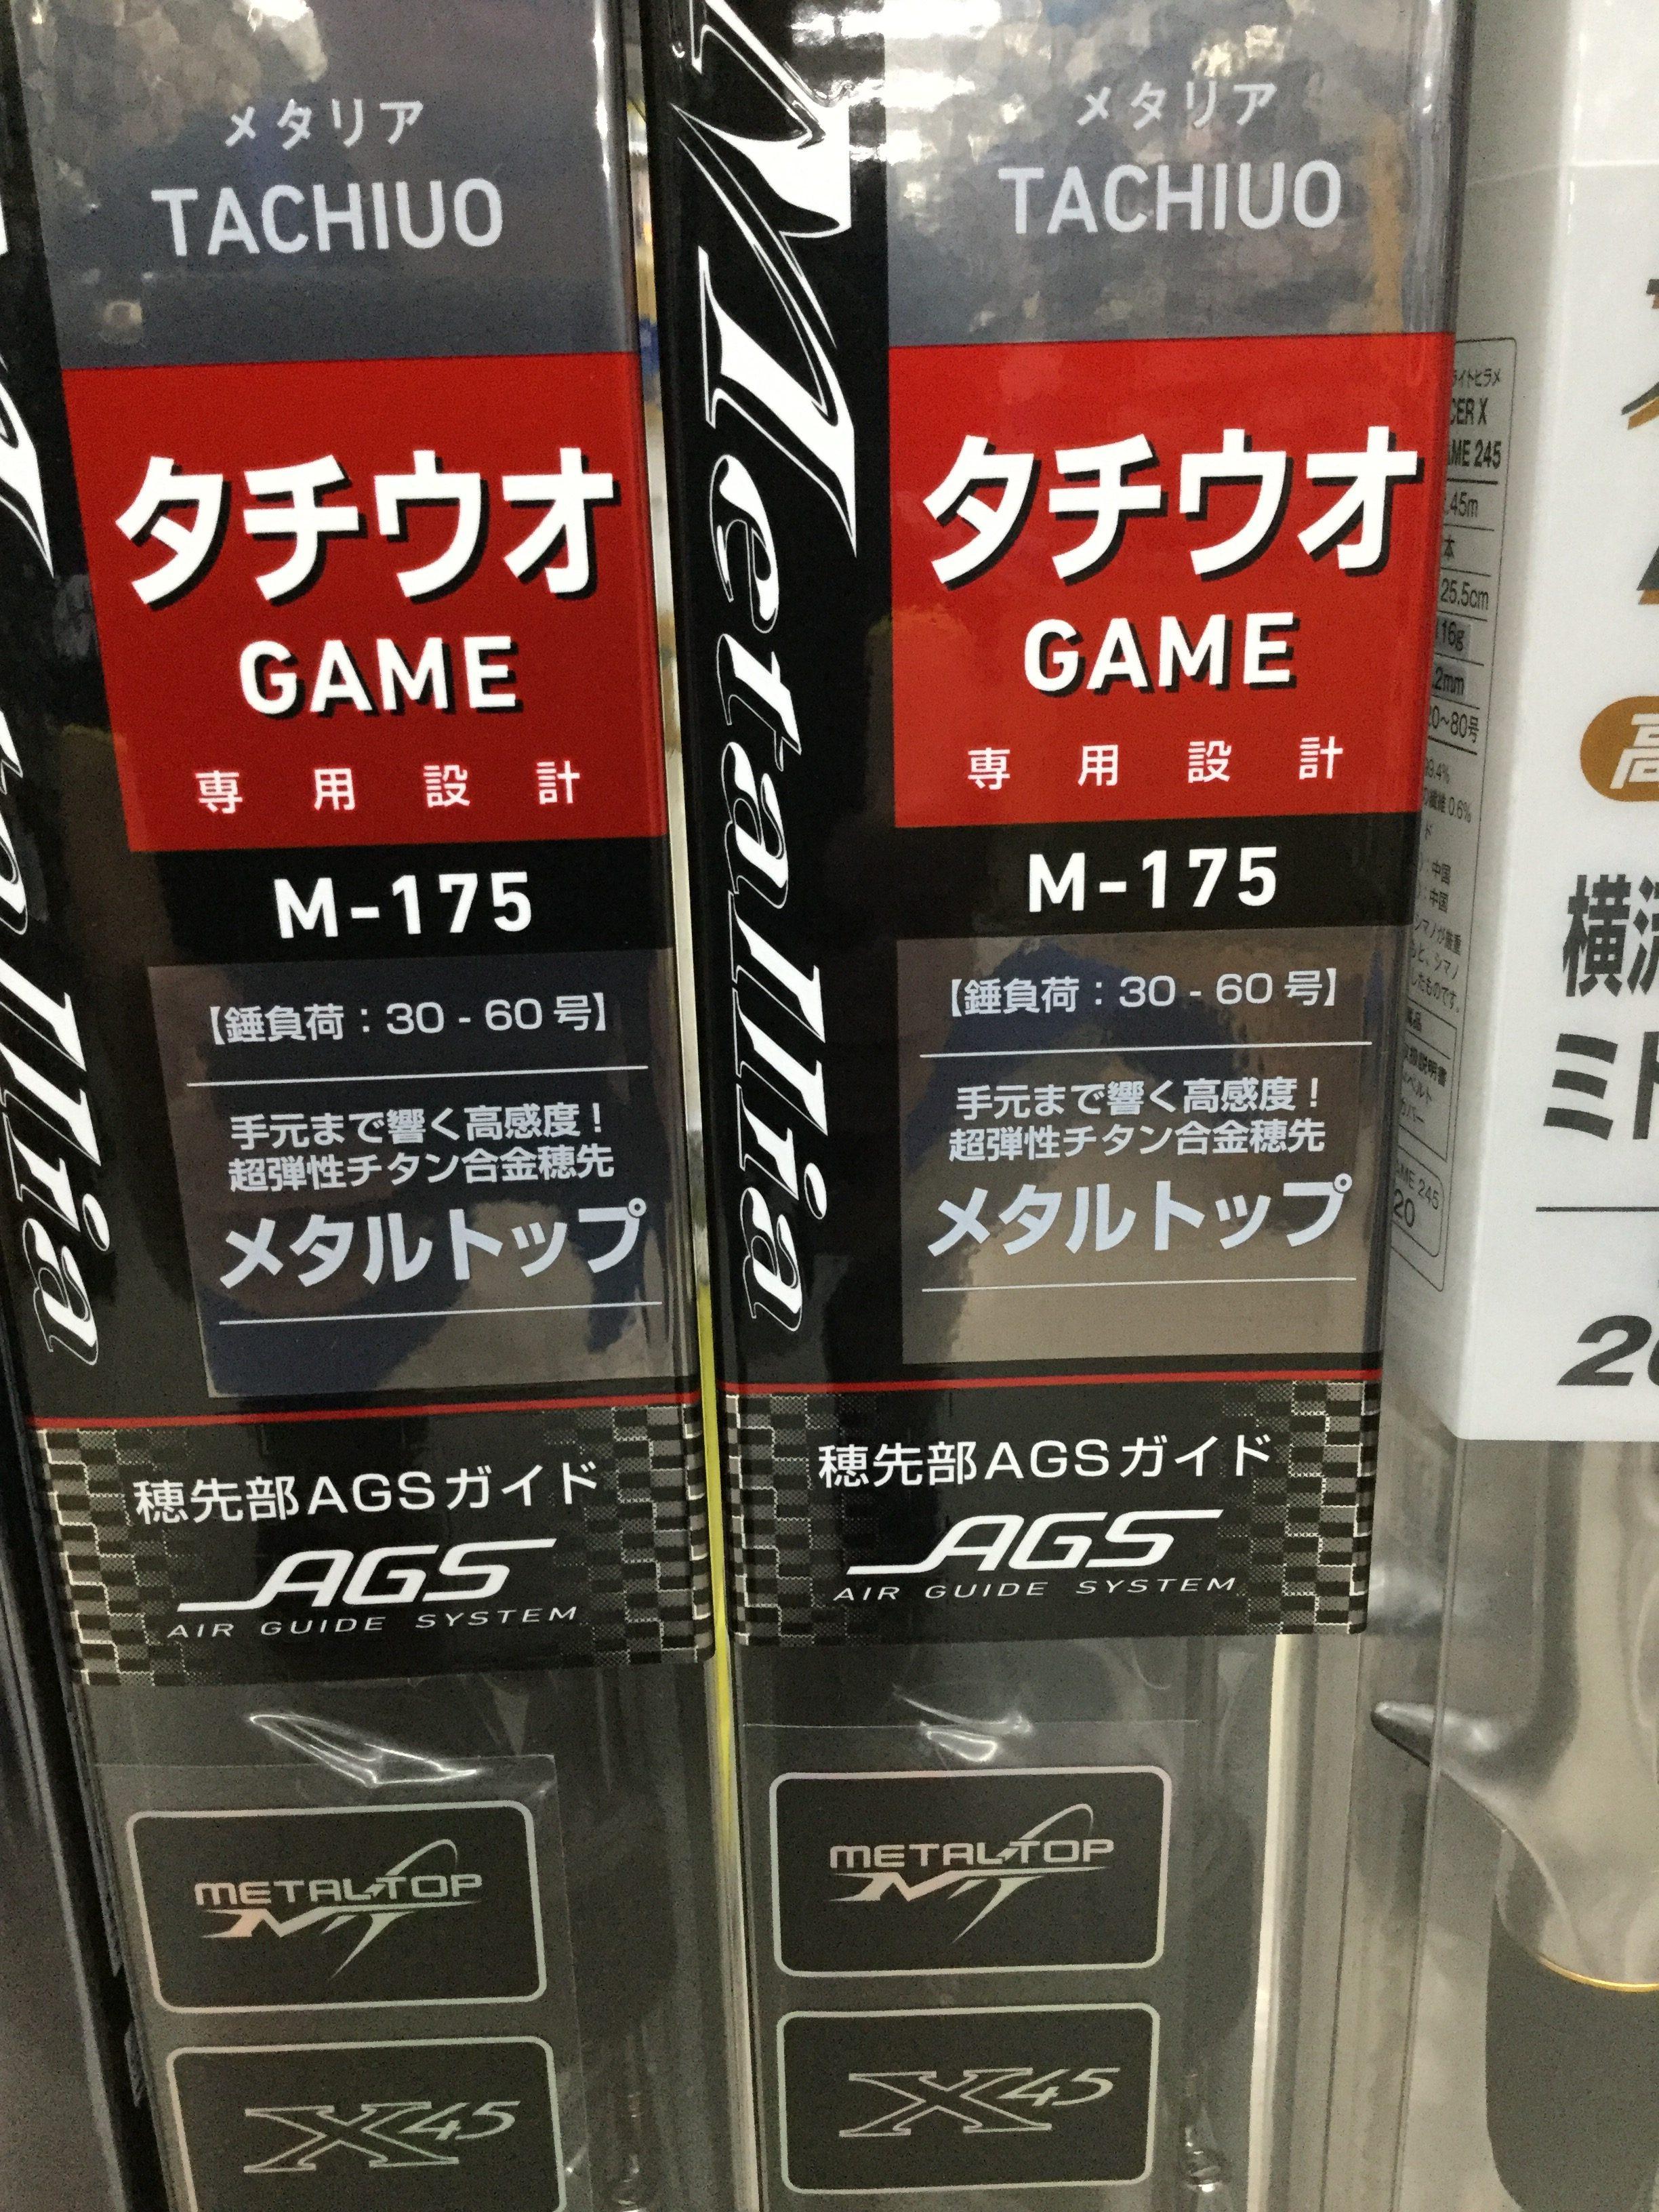 人気のメタリアシリーズよりタチウオロッド発売!ダイワ『メタリア タチウオ ゲーム M175』